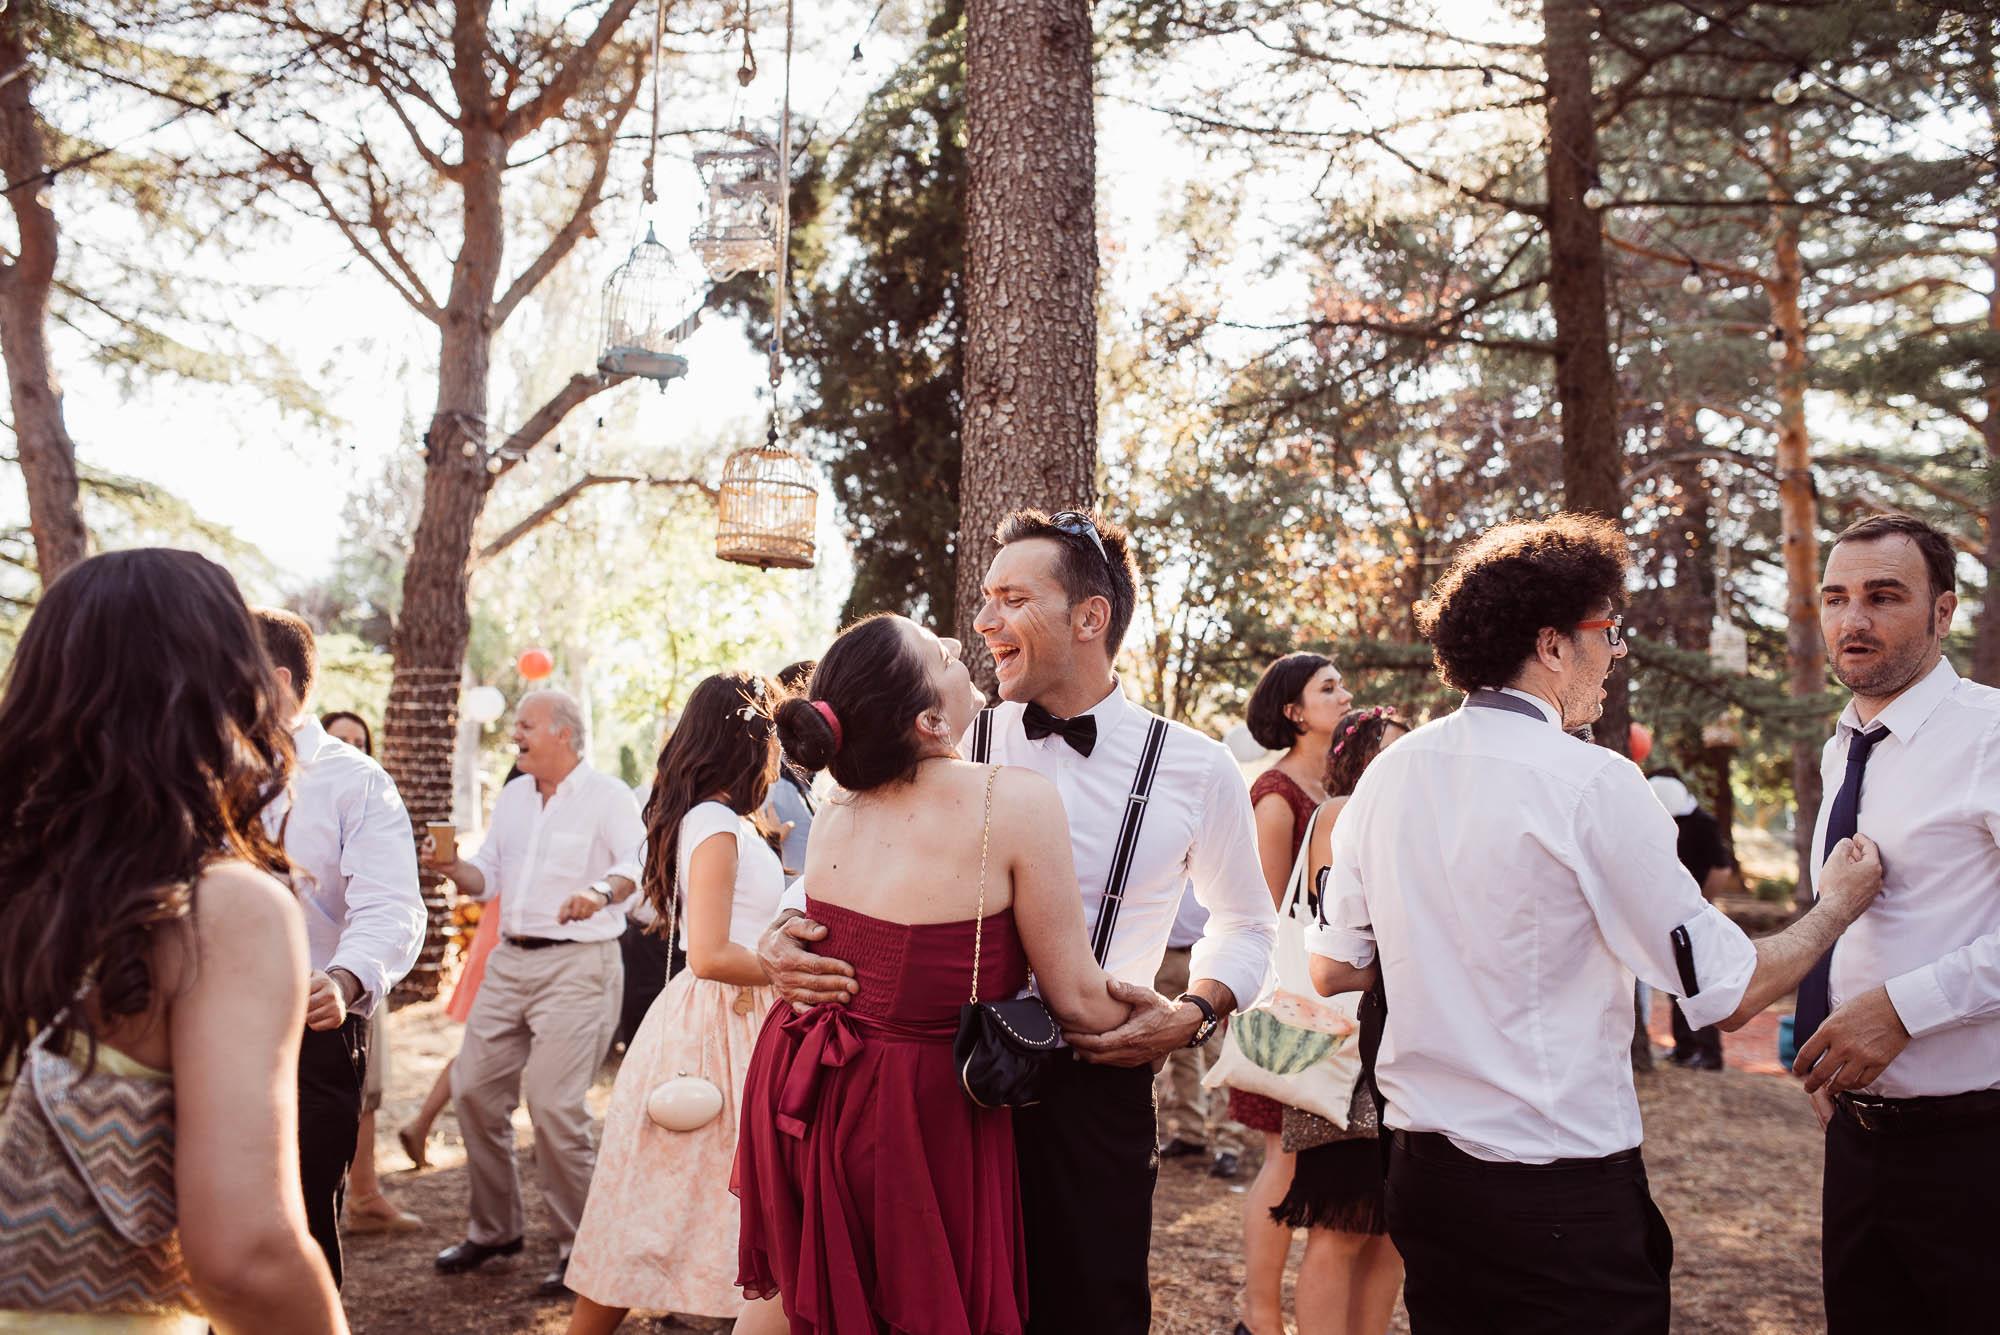 Los invitados bailan y ríen durante la fiesta